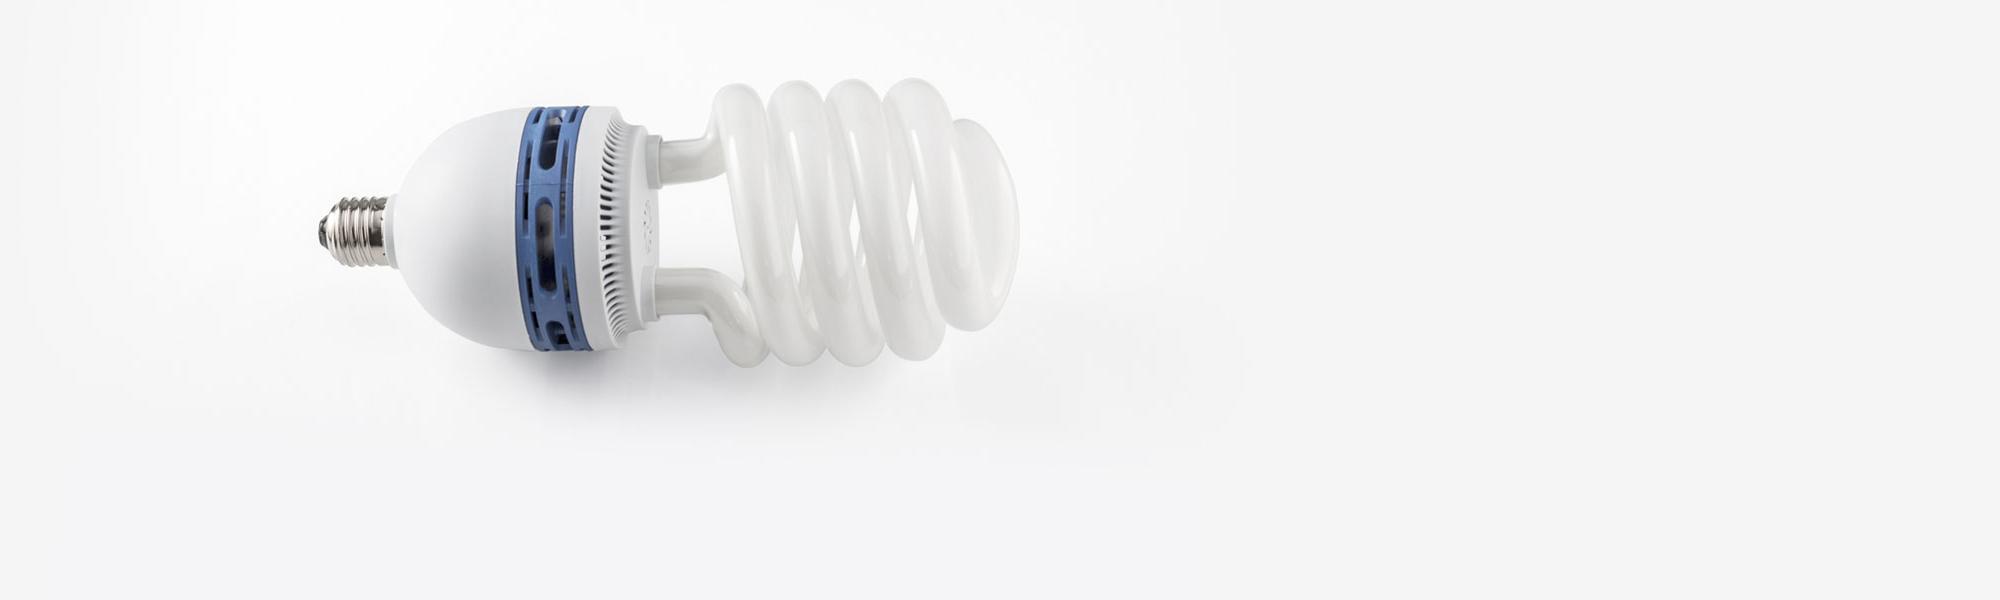 Dxl Compact Spirals